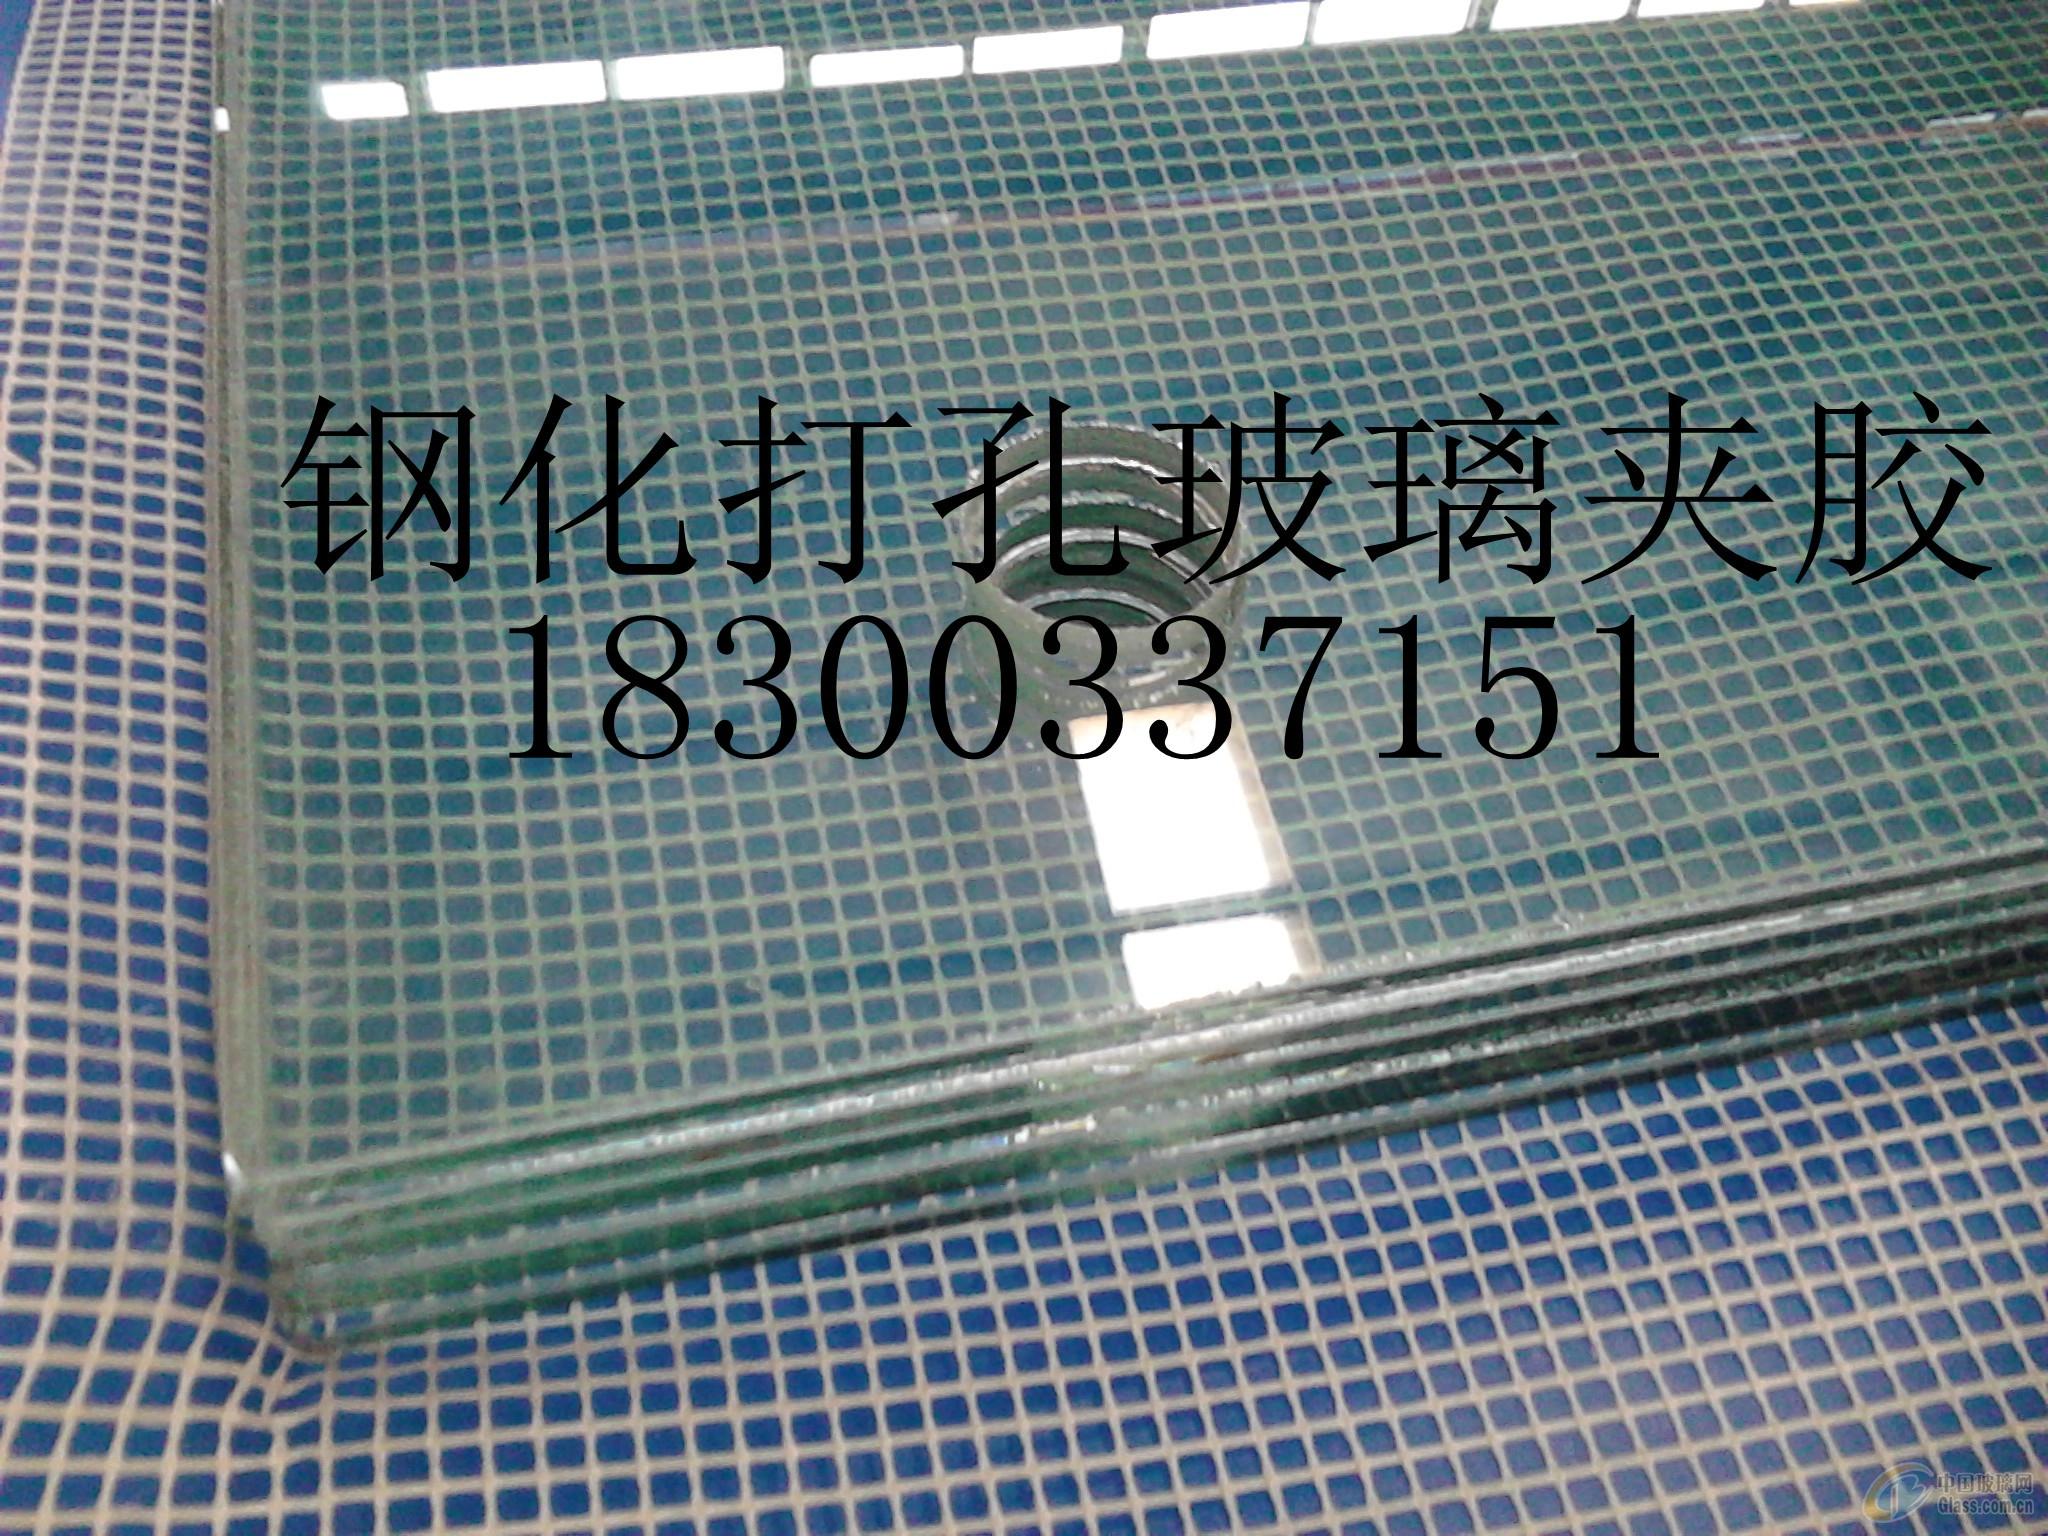 供应夹胶玻璃炉,夹胶玻璃机械,夹胶玻璃设备